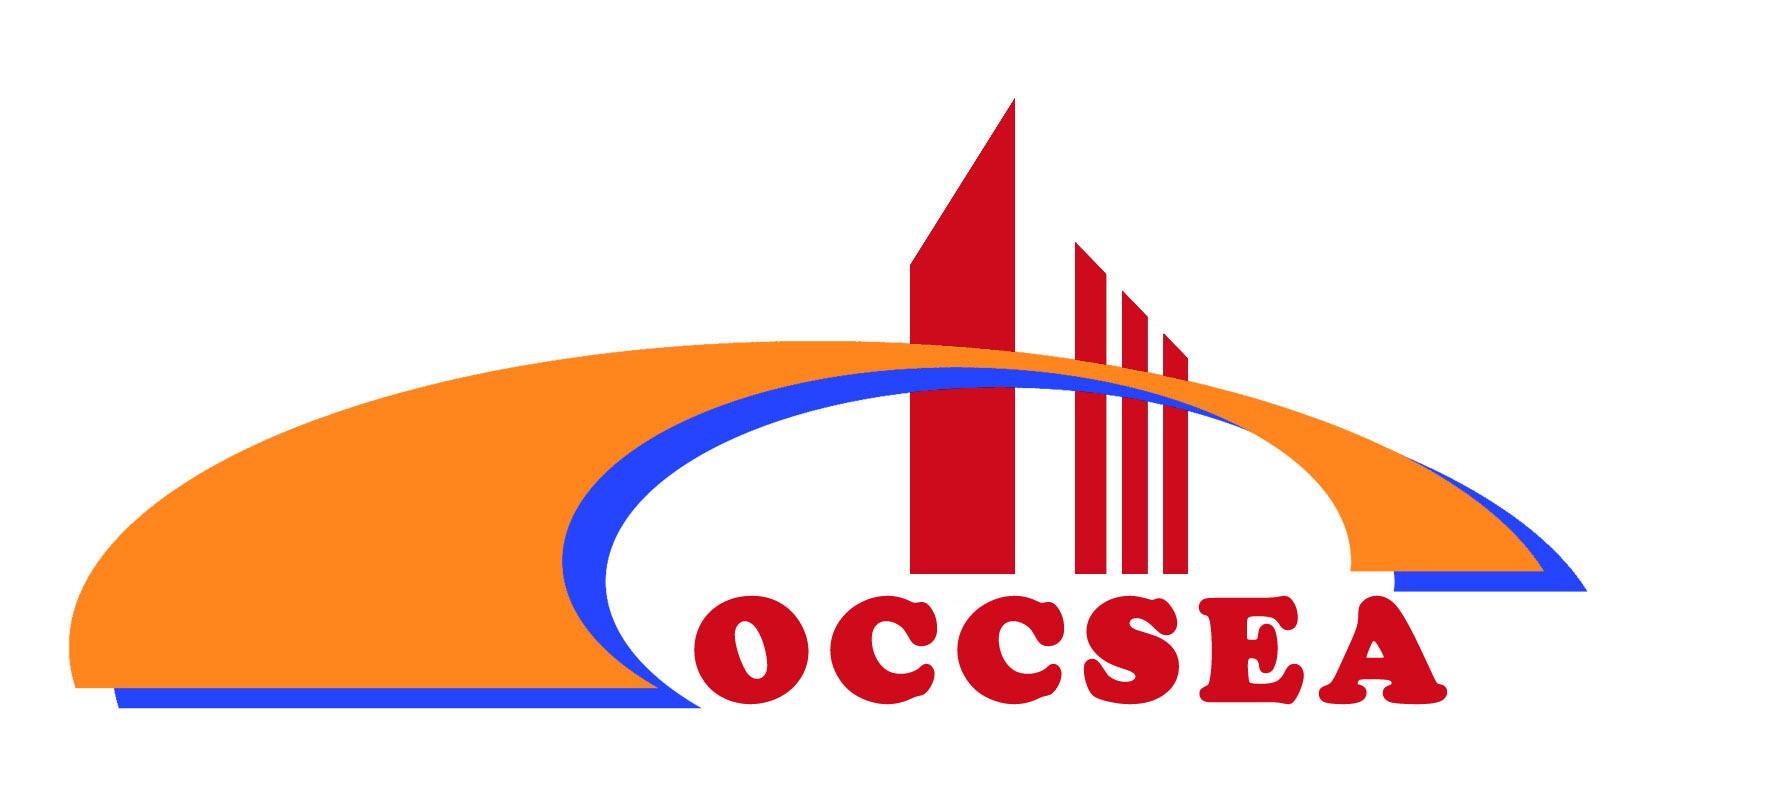 OCCSEA